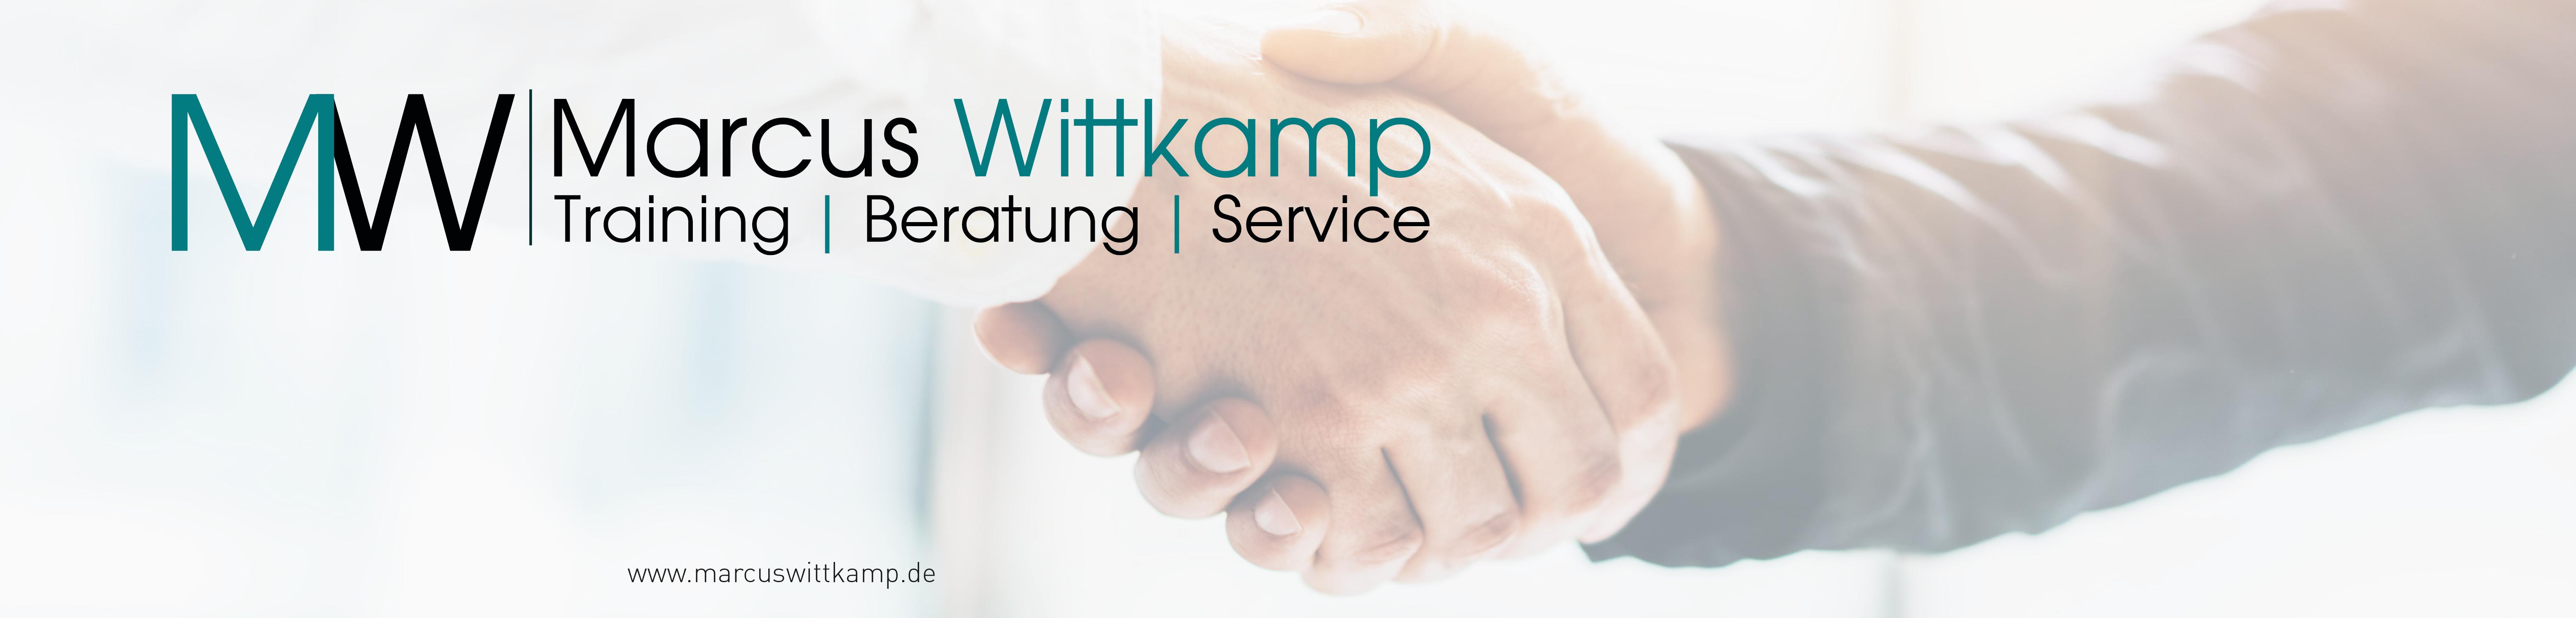 Logo von MW Training | Beratung | Service